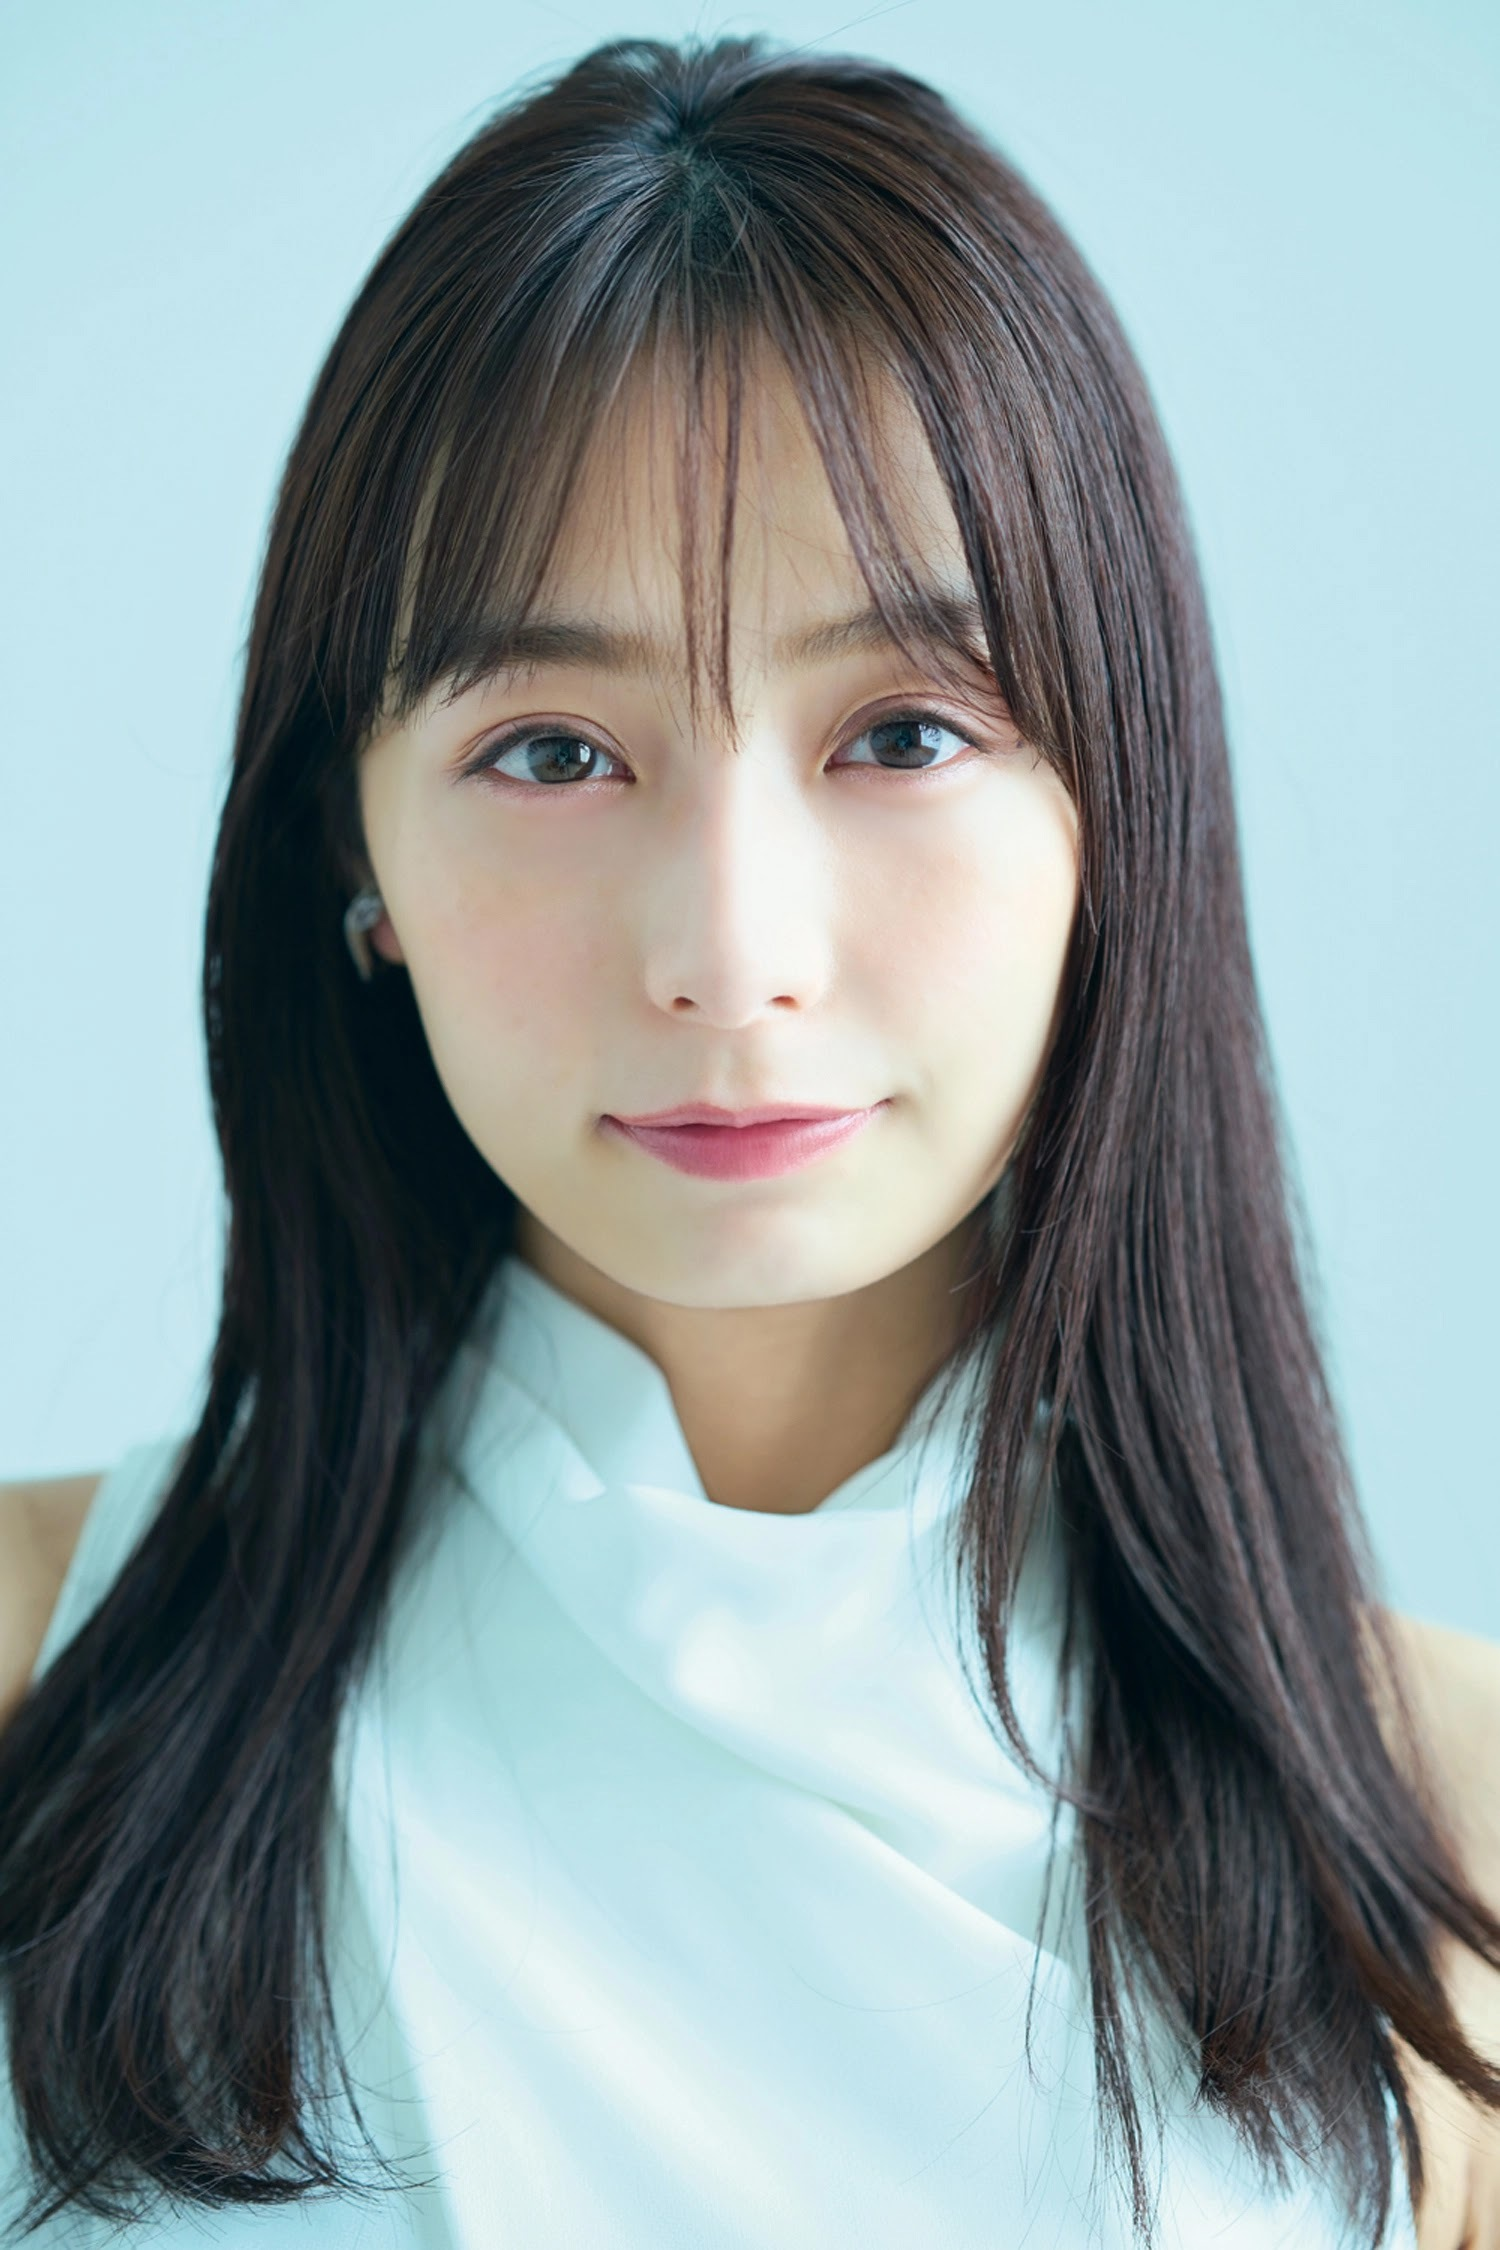 少年Magazine》的封面上 宇垣美里 7N5.NET b03